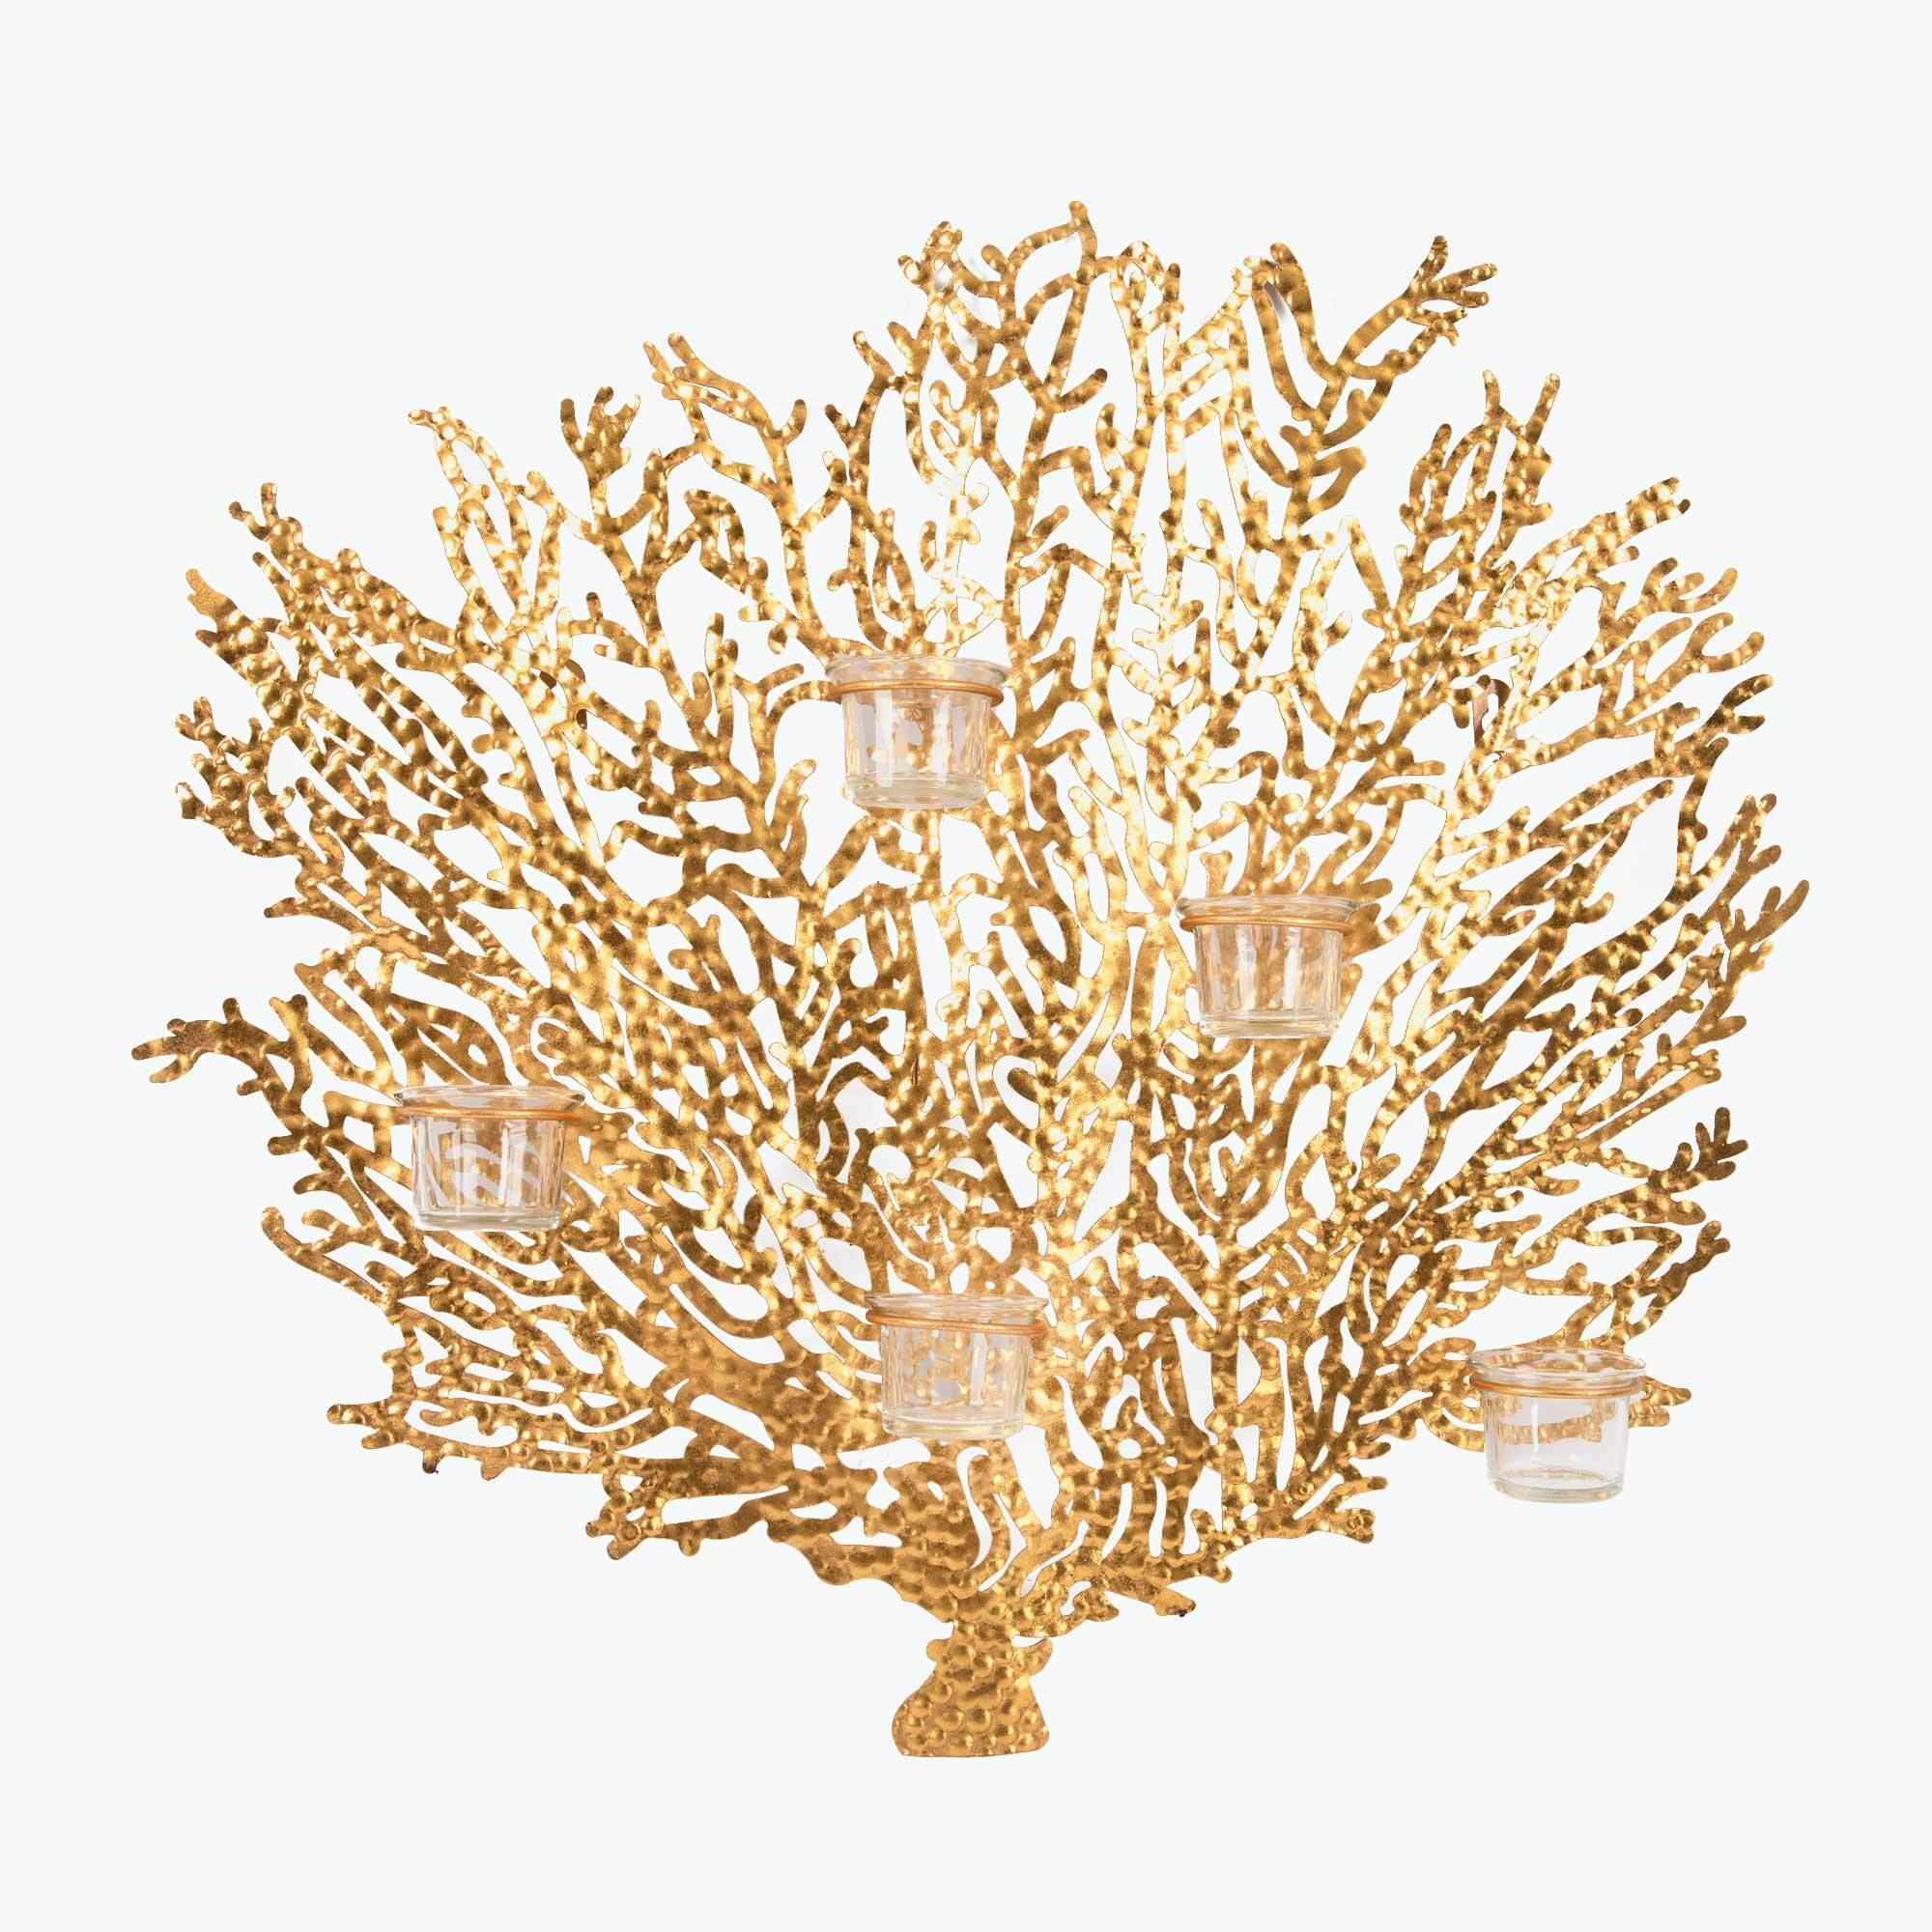 Corallo seinäkynttelikkö 5 kynttilälle